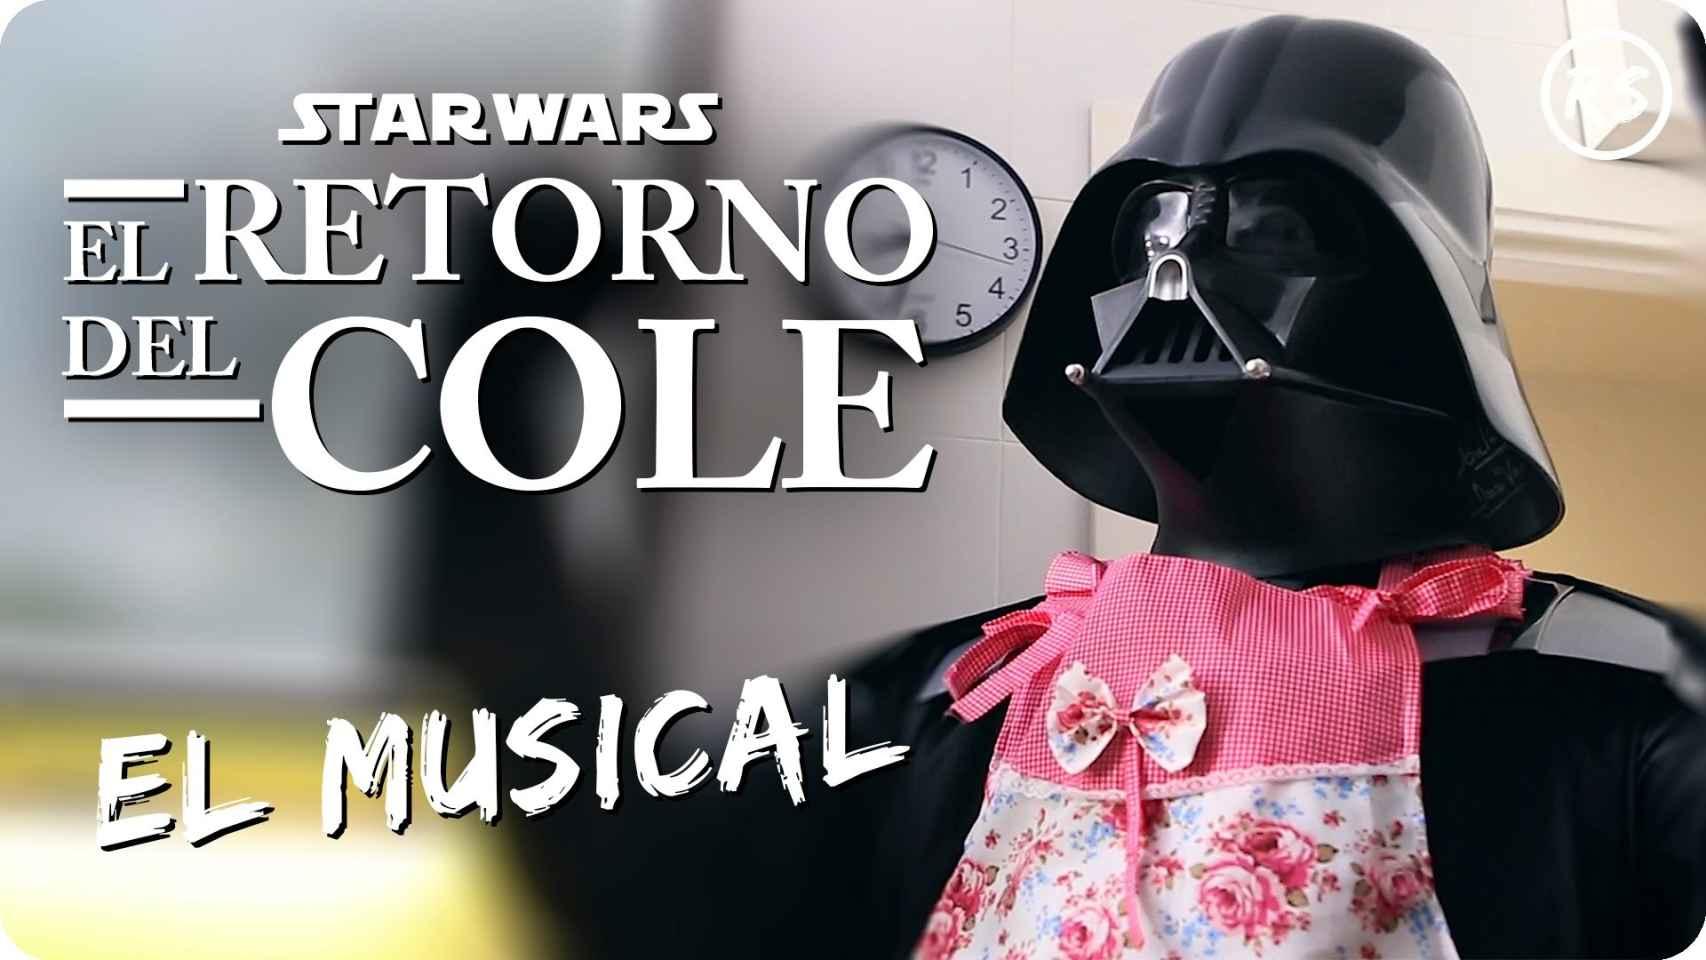 Star Wars: El retorno del cole